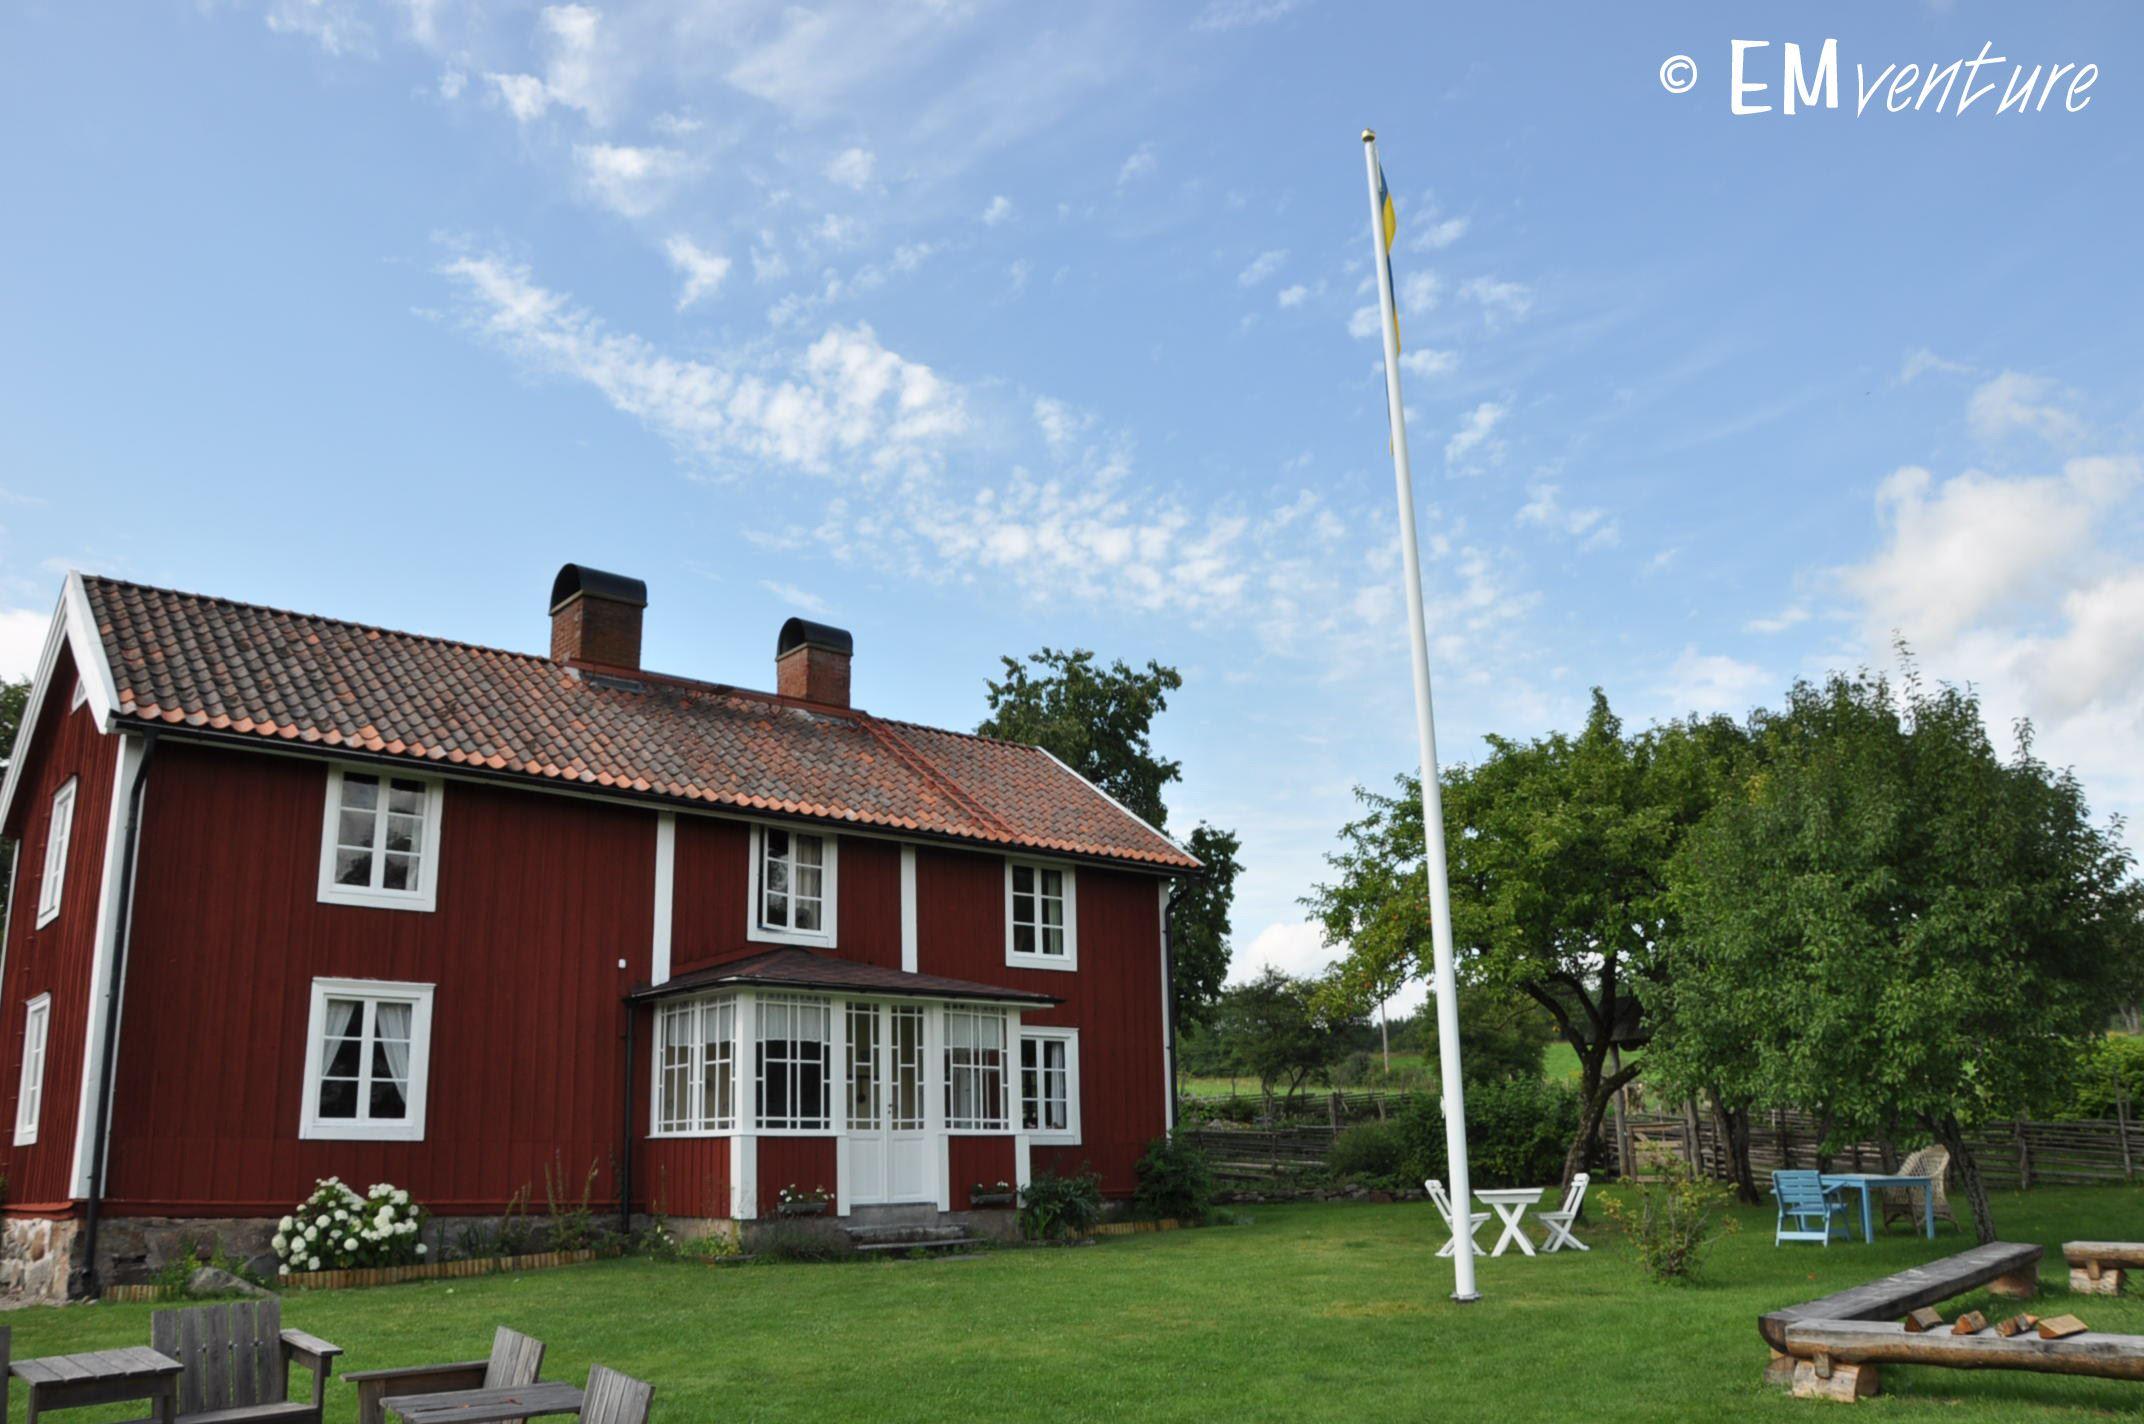 © Emventure, EMventure - Kanotuthyrning & Äventyr